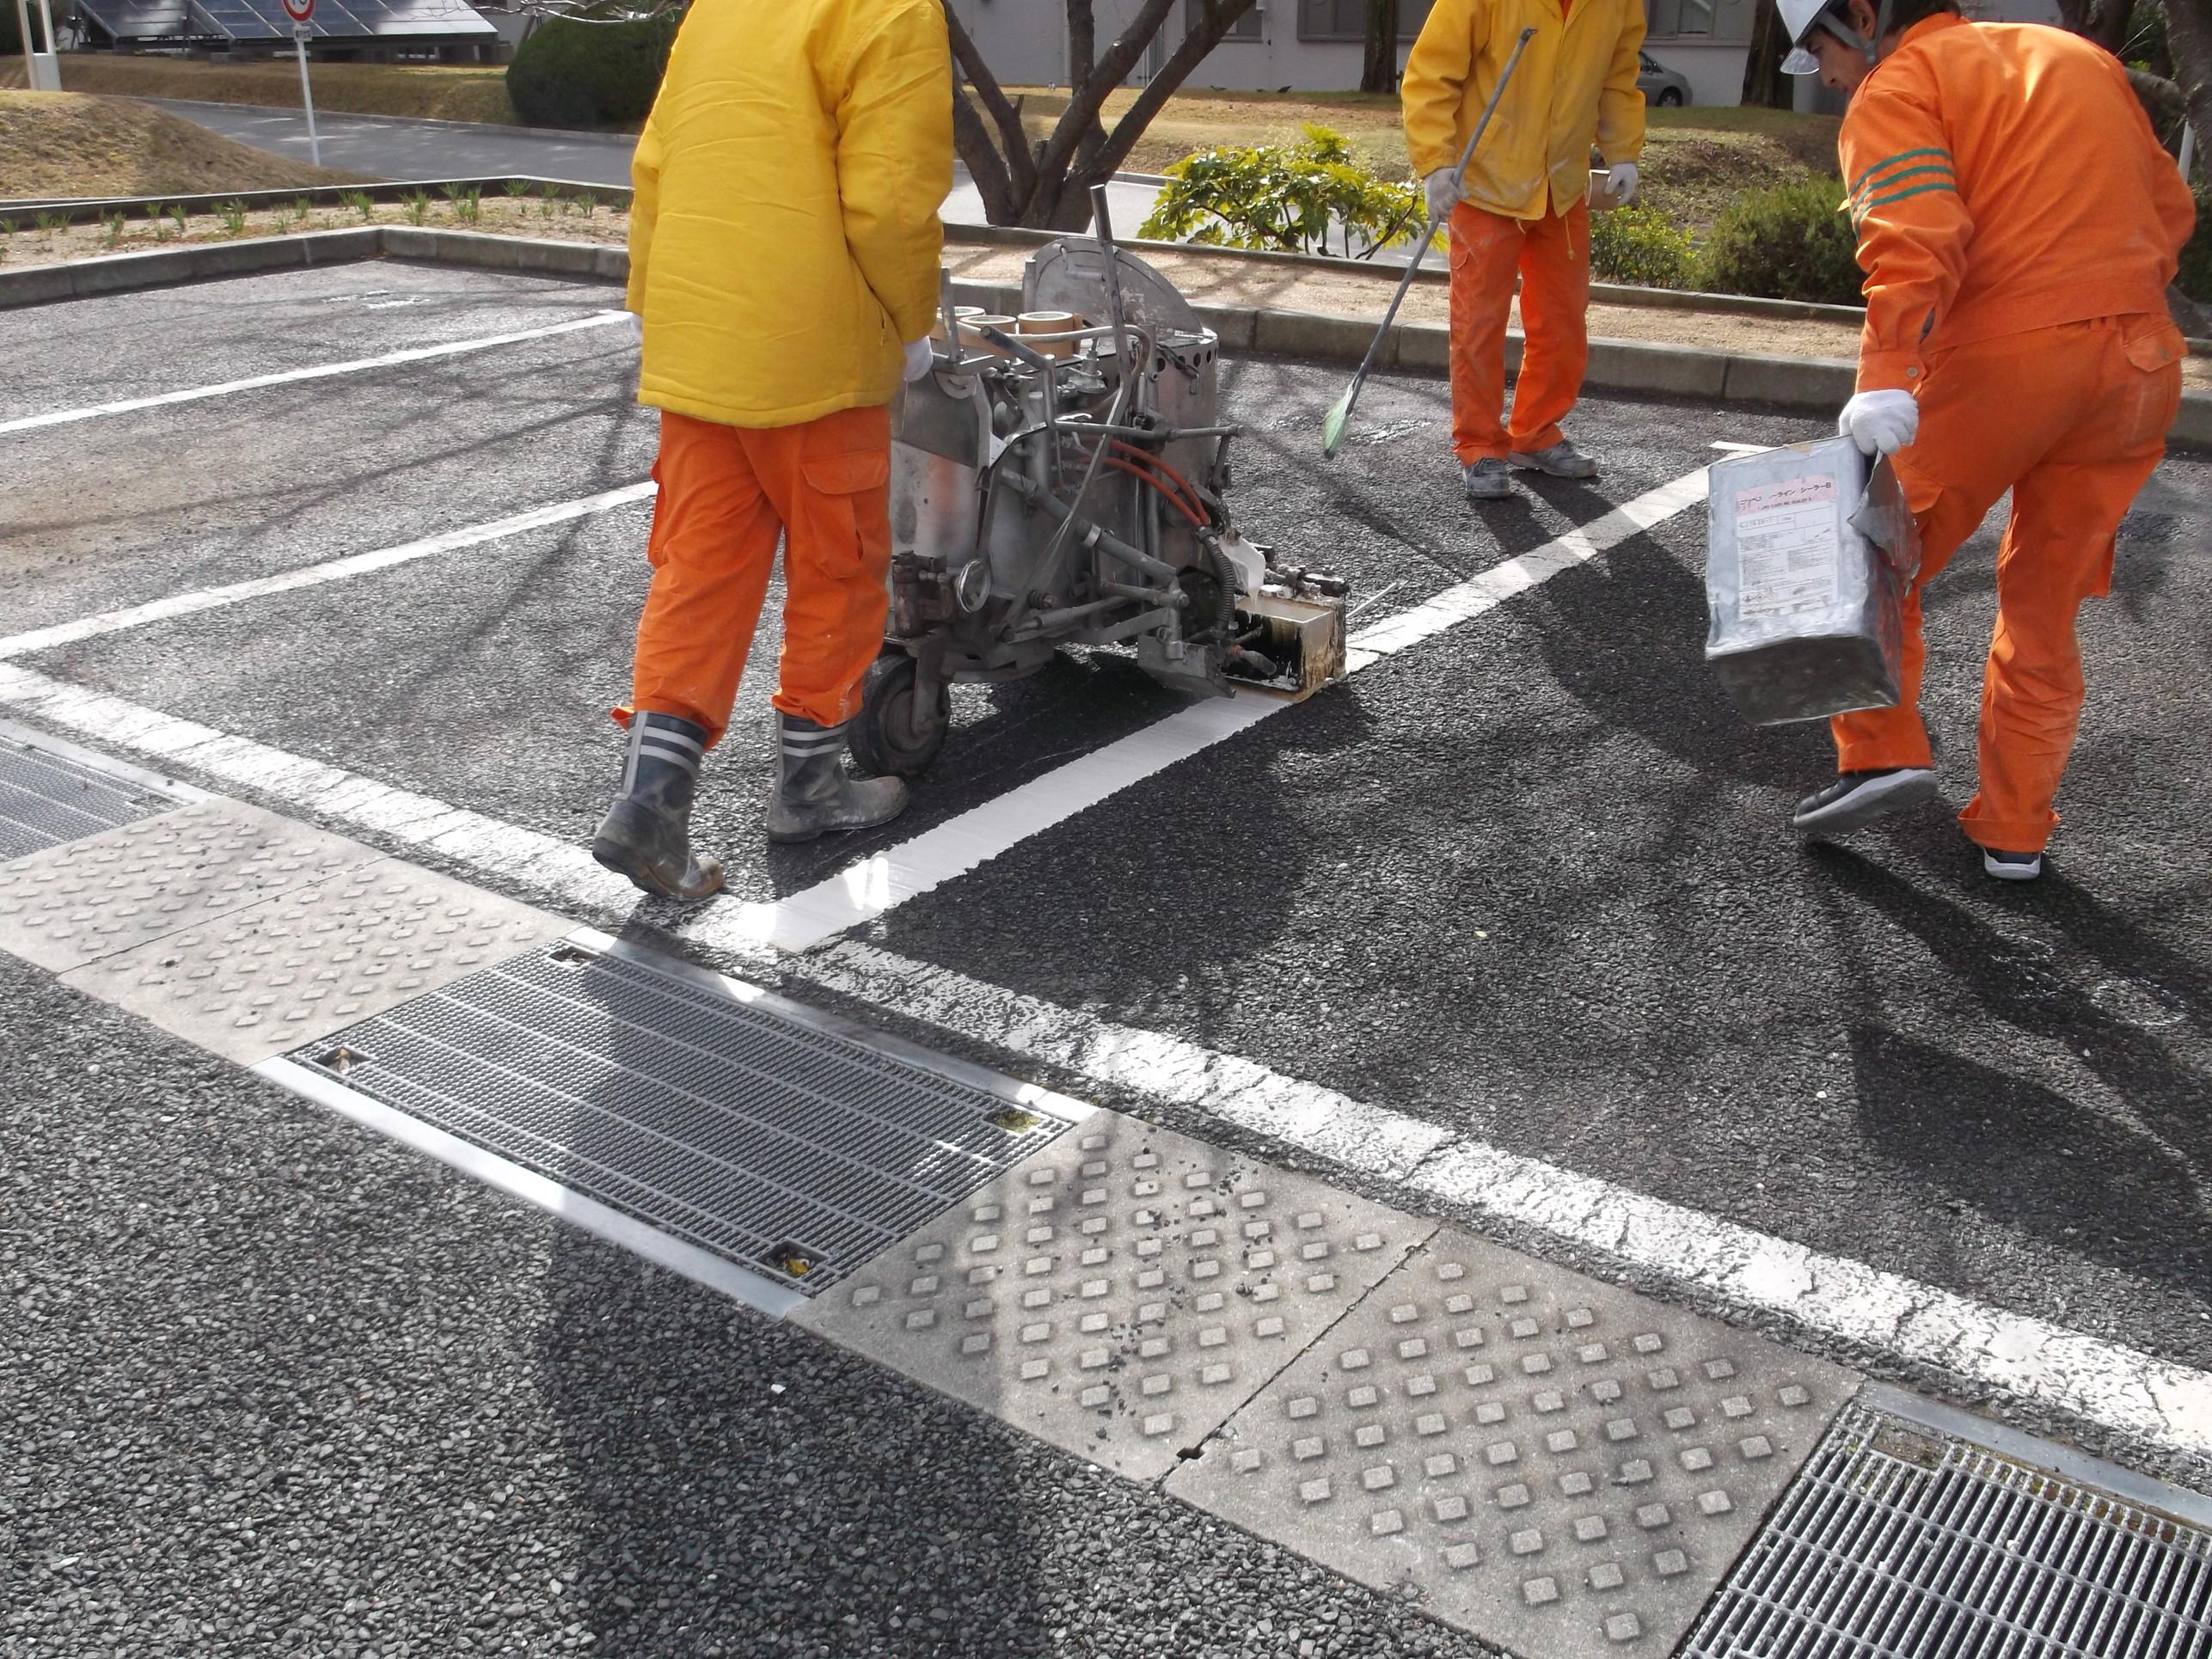 池田市 某施設 駐車場ライン工事イメージ02